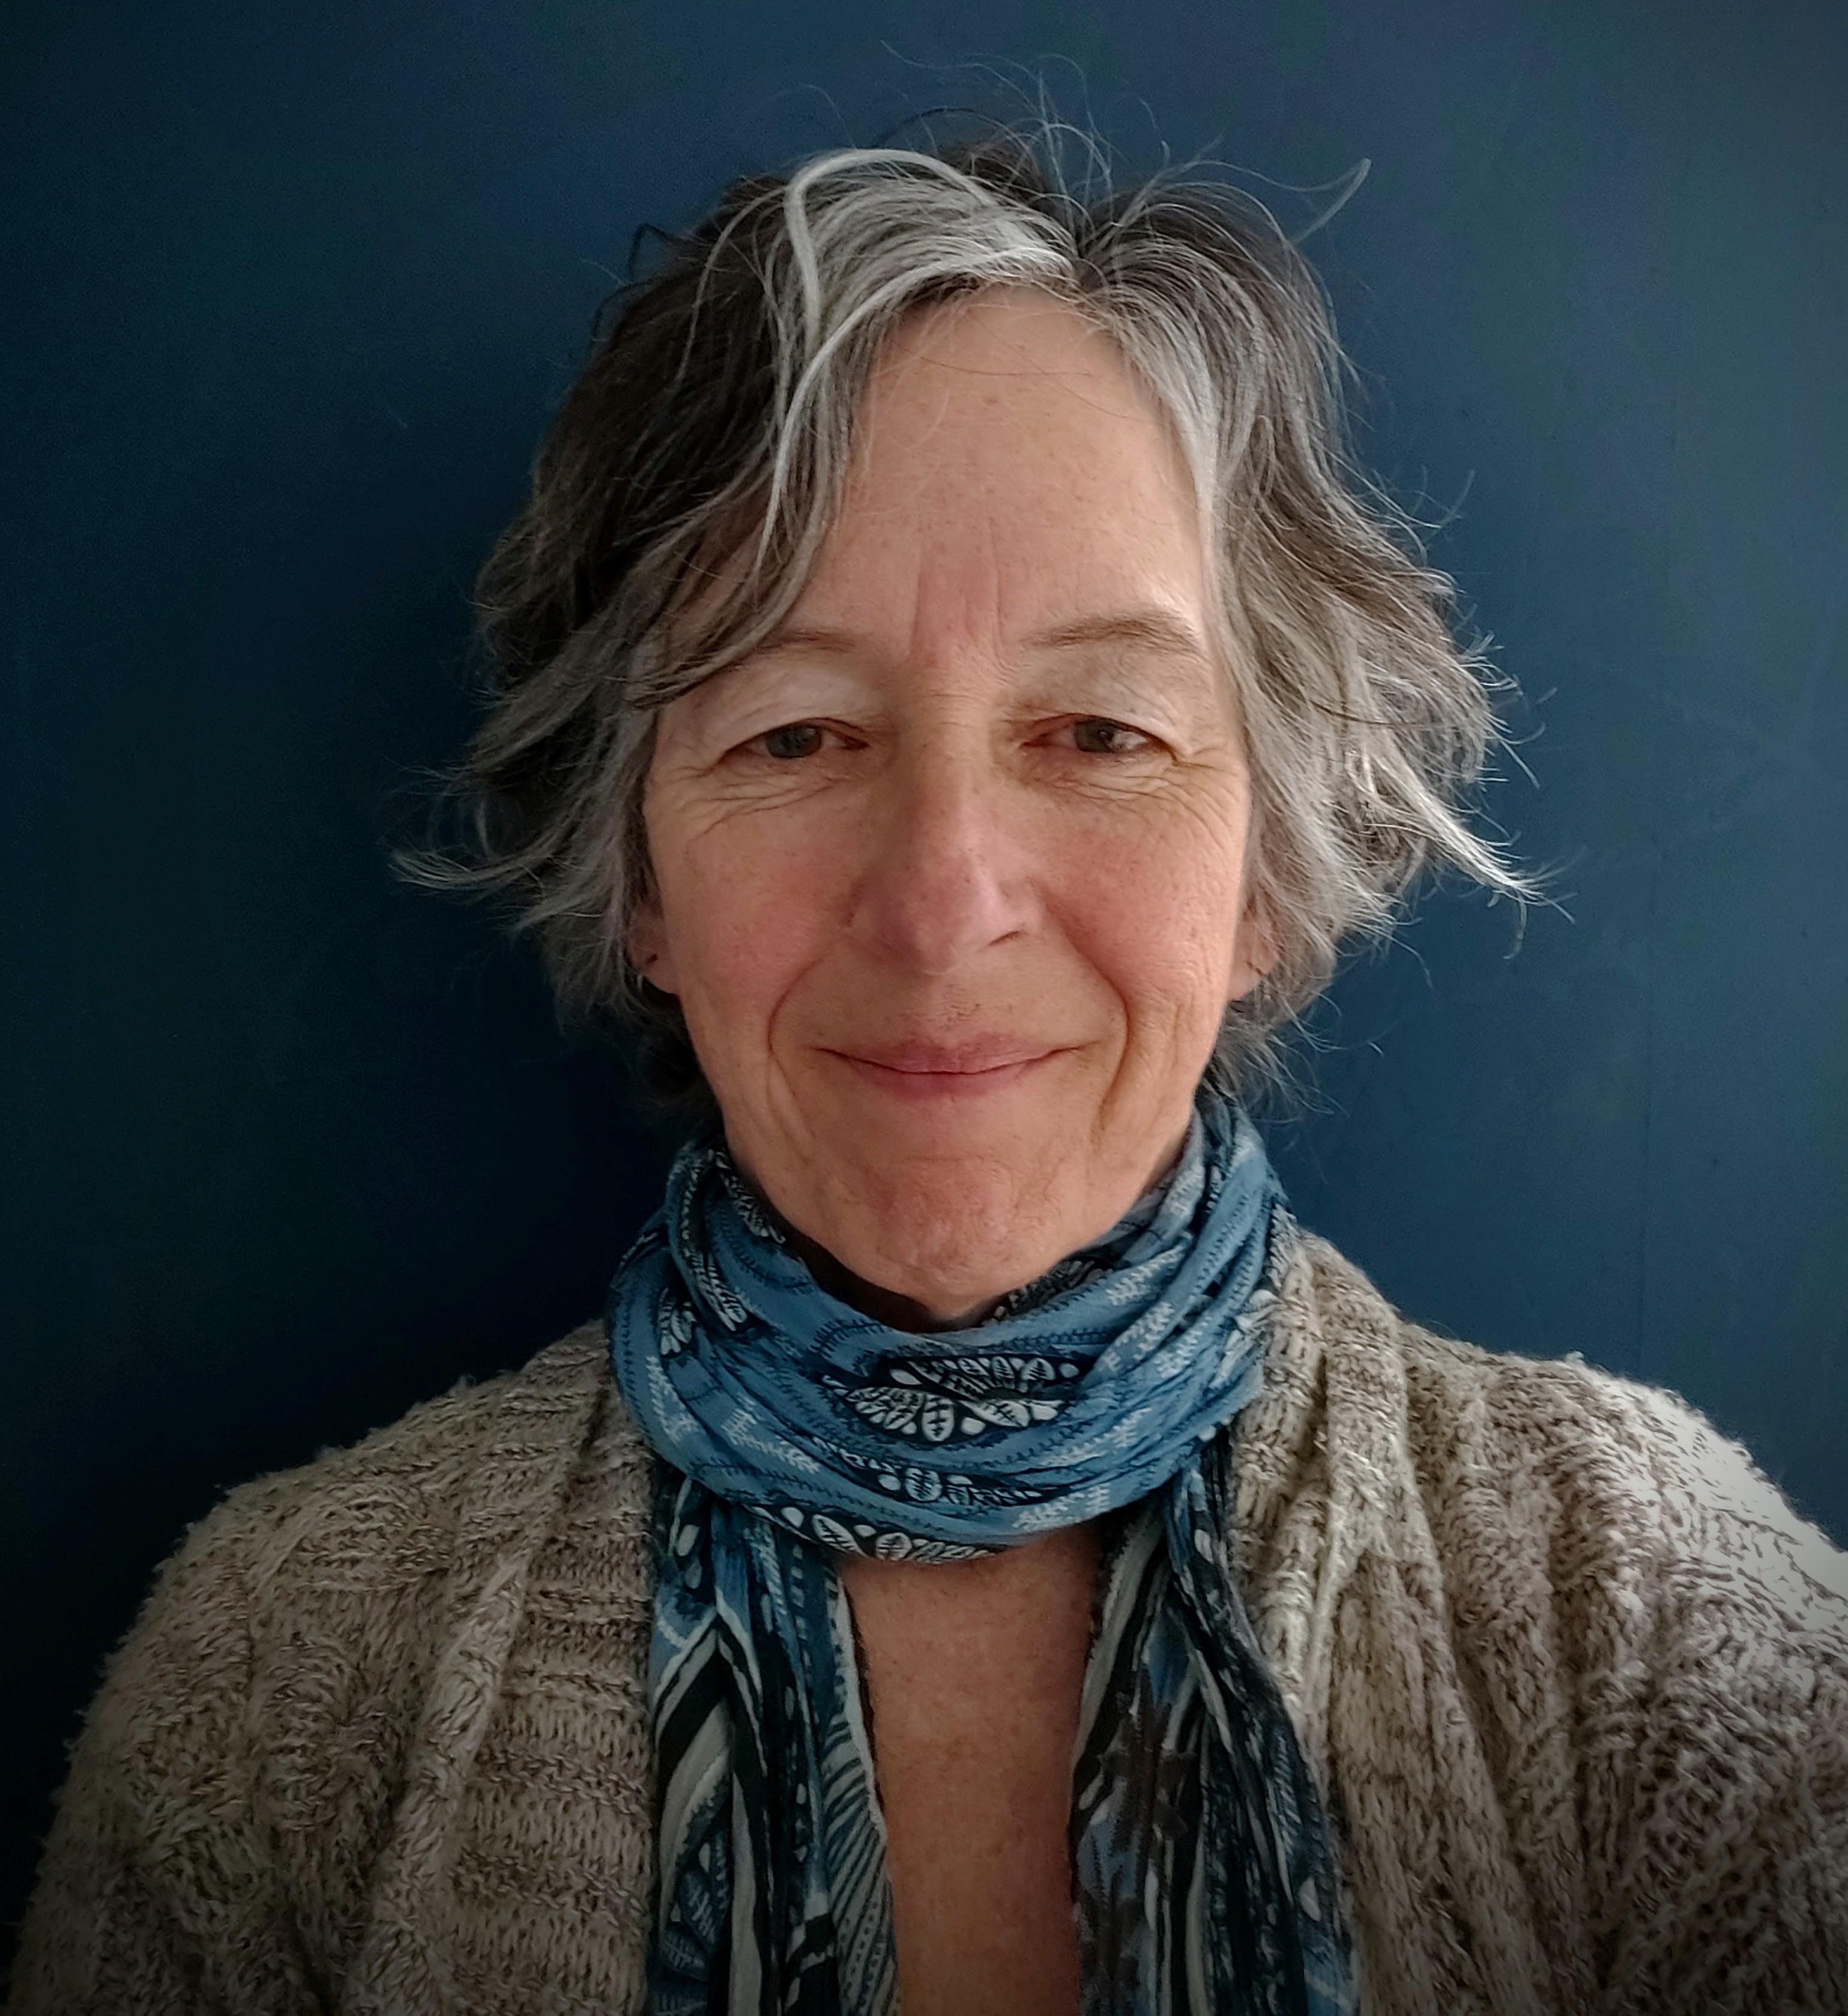 Denise Spinney